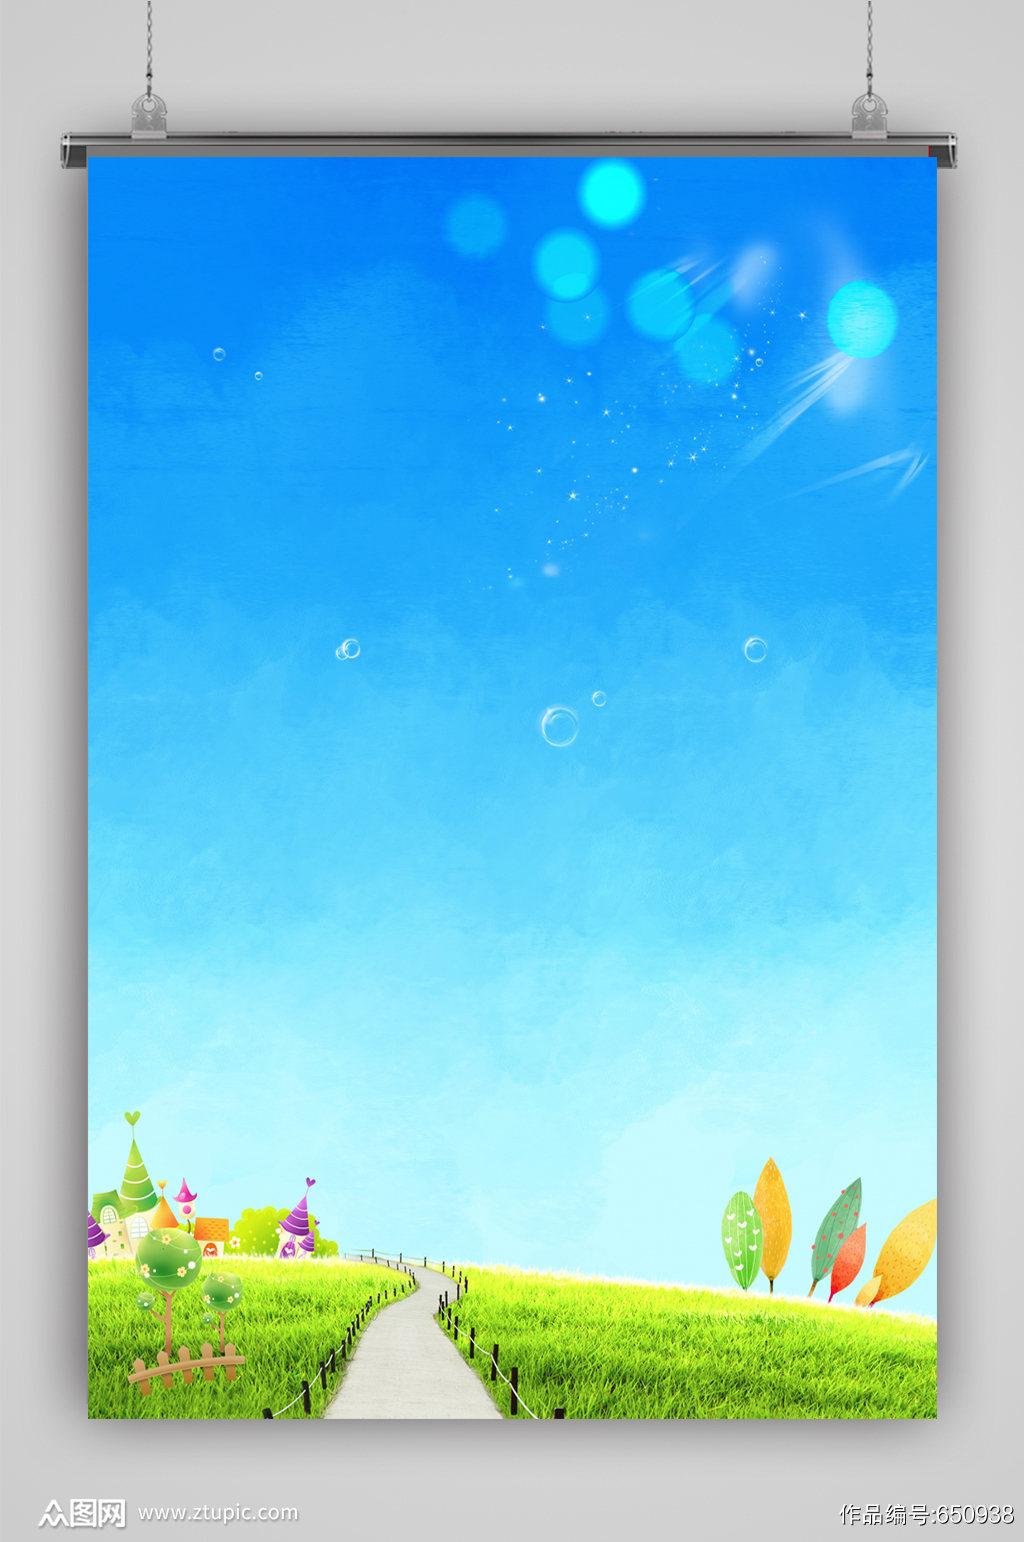 草地蓝天白云简洁背景素材